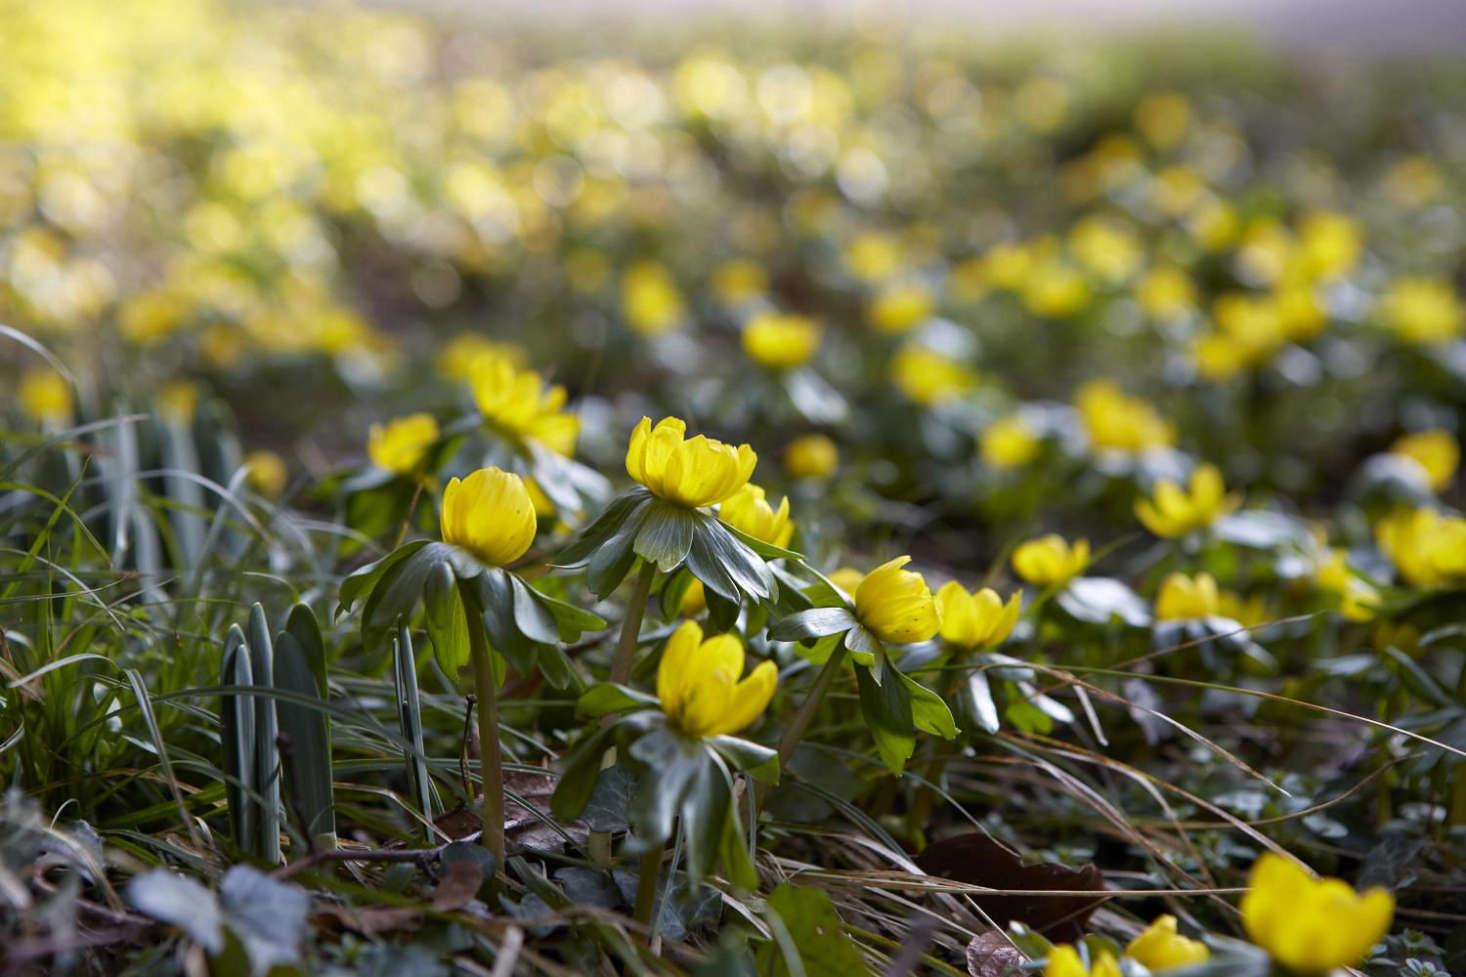 《圣蛇》:《海藤》,冬季之春。